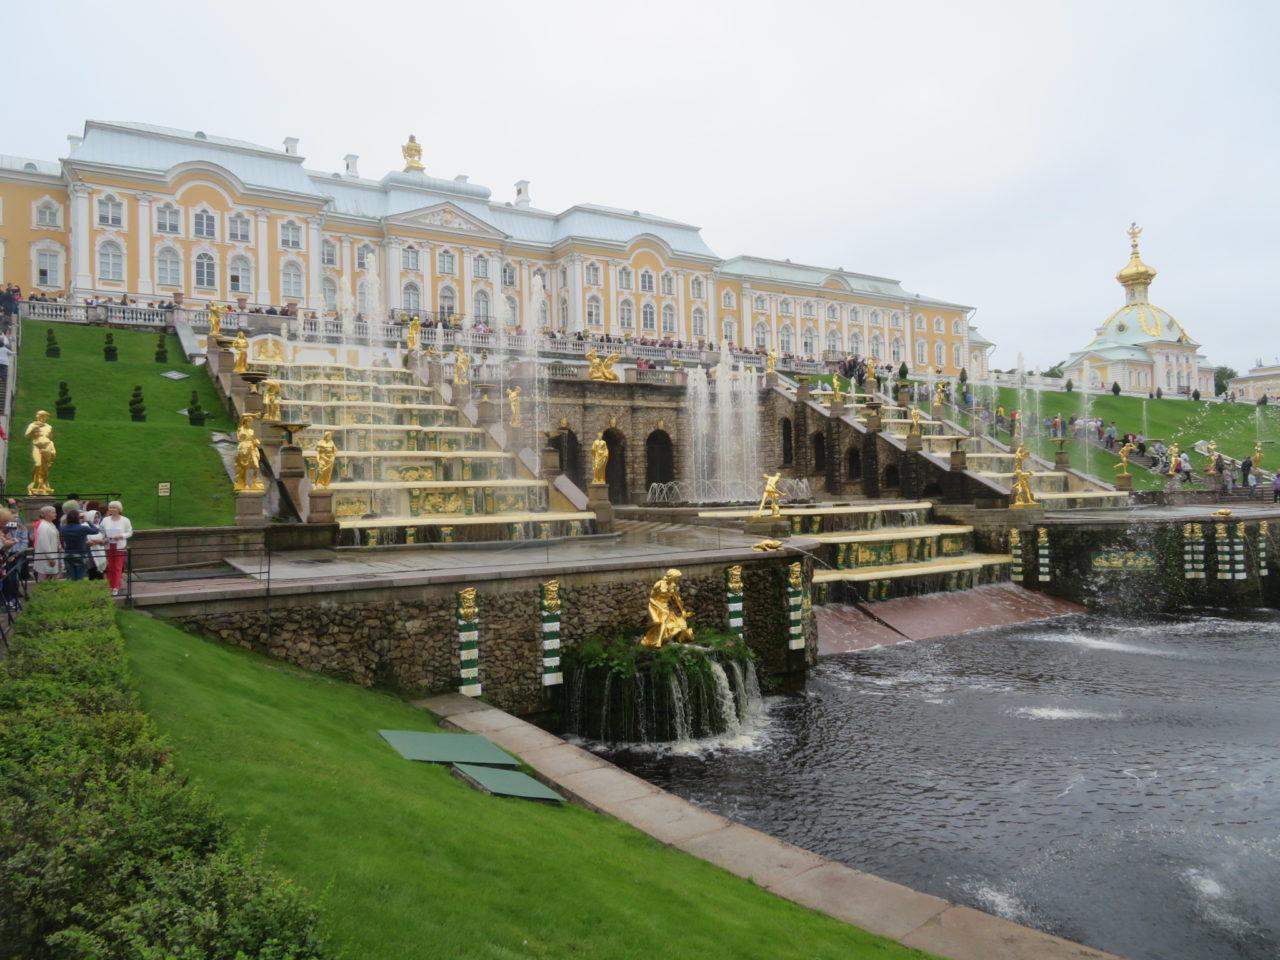 Peterhof Palace in Peterhof, near St. Petersburg, Russia